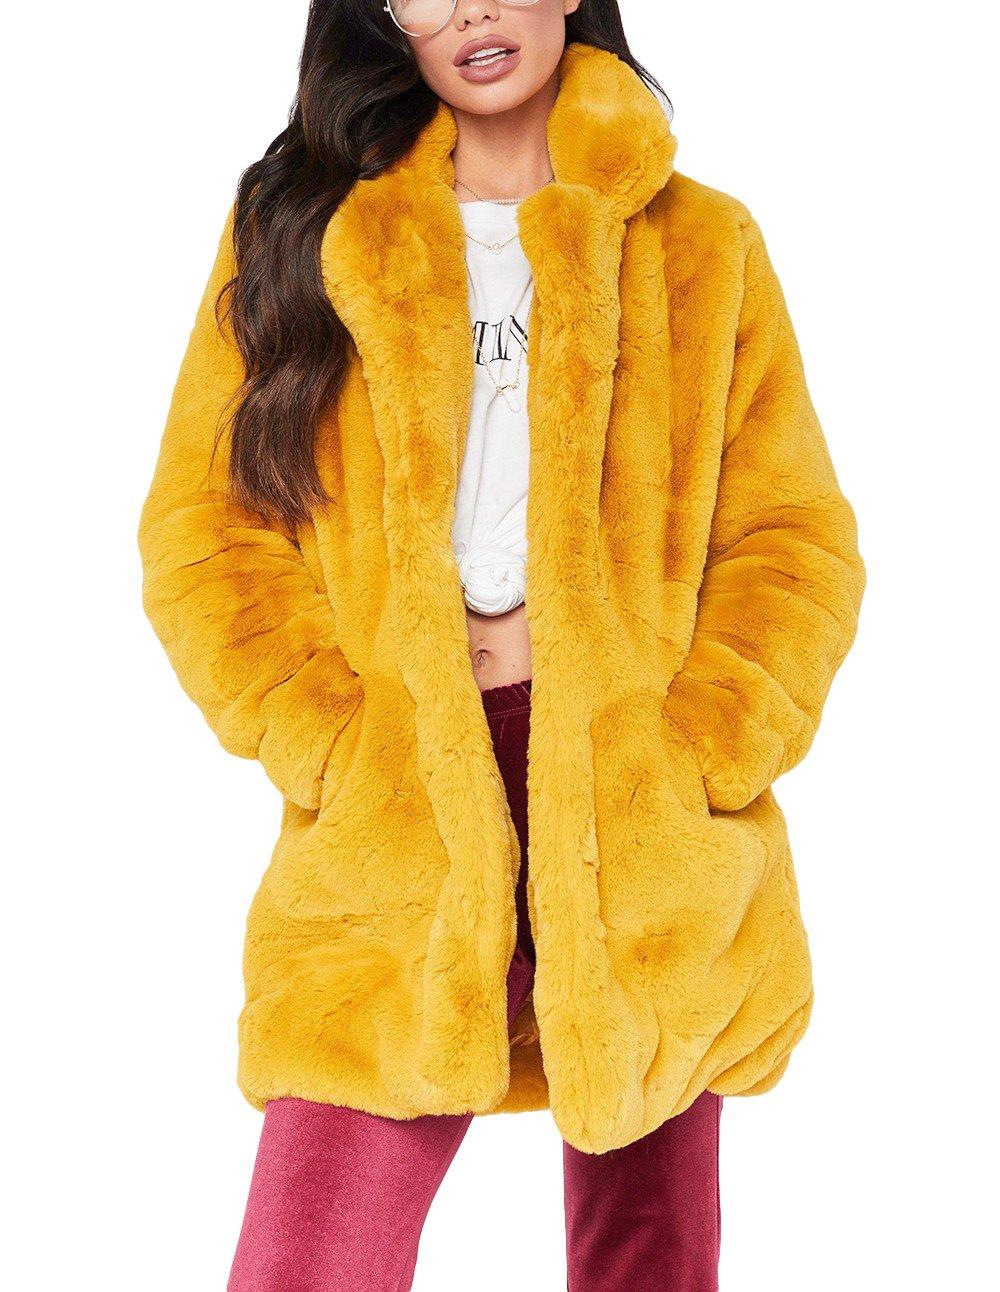 Remelon Womens Long Sleeve Winter Warm Lapel Fox Faux Fur Coat Jacket Overcoat Outwear With Pockets Yellow XL